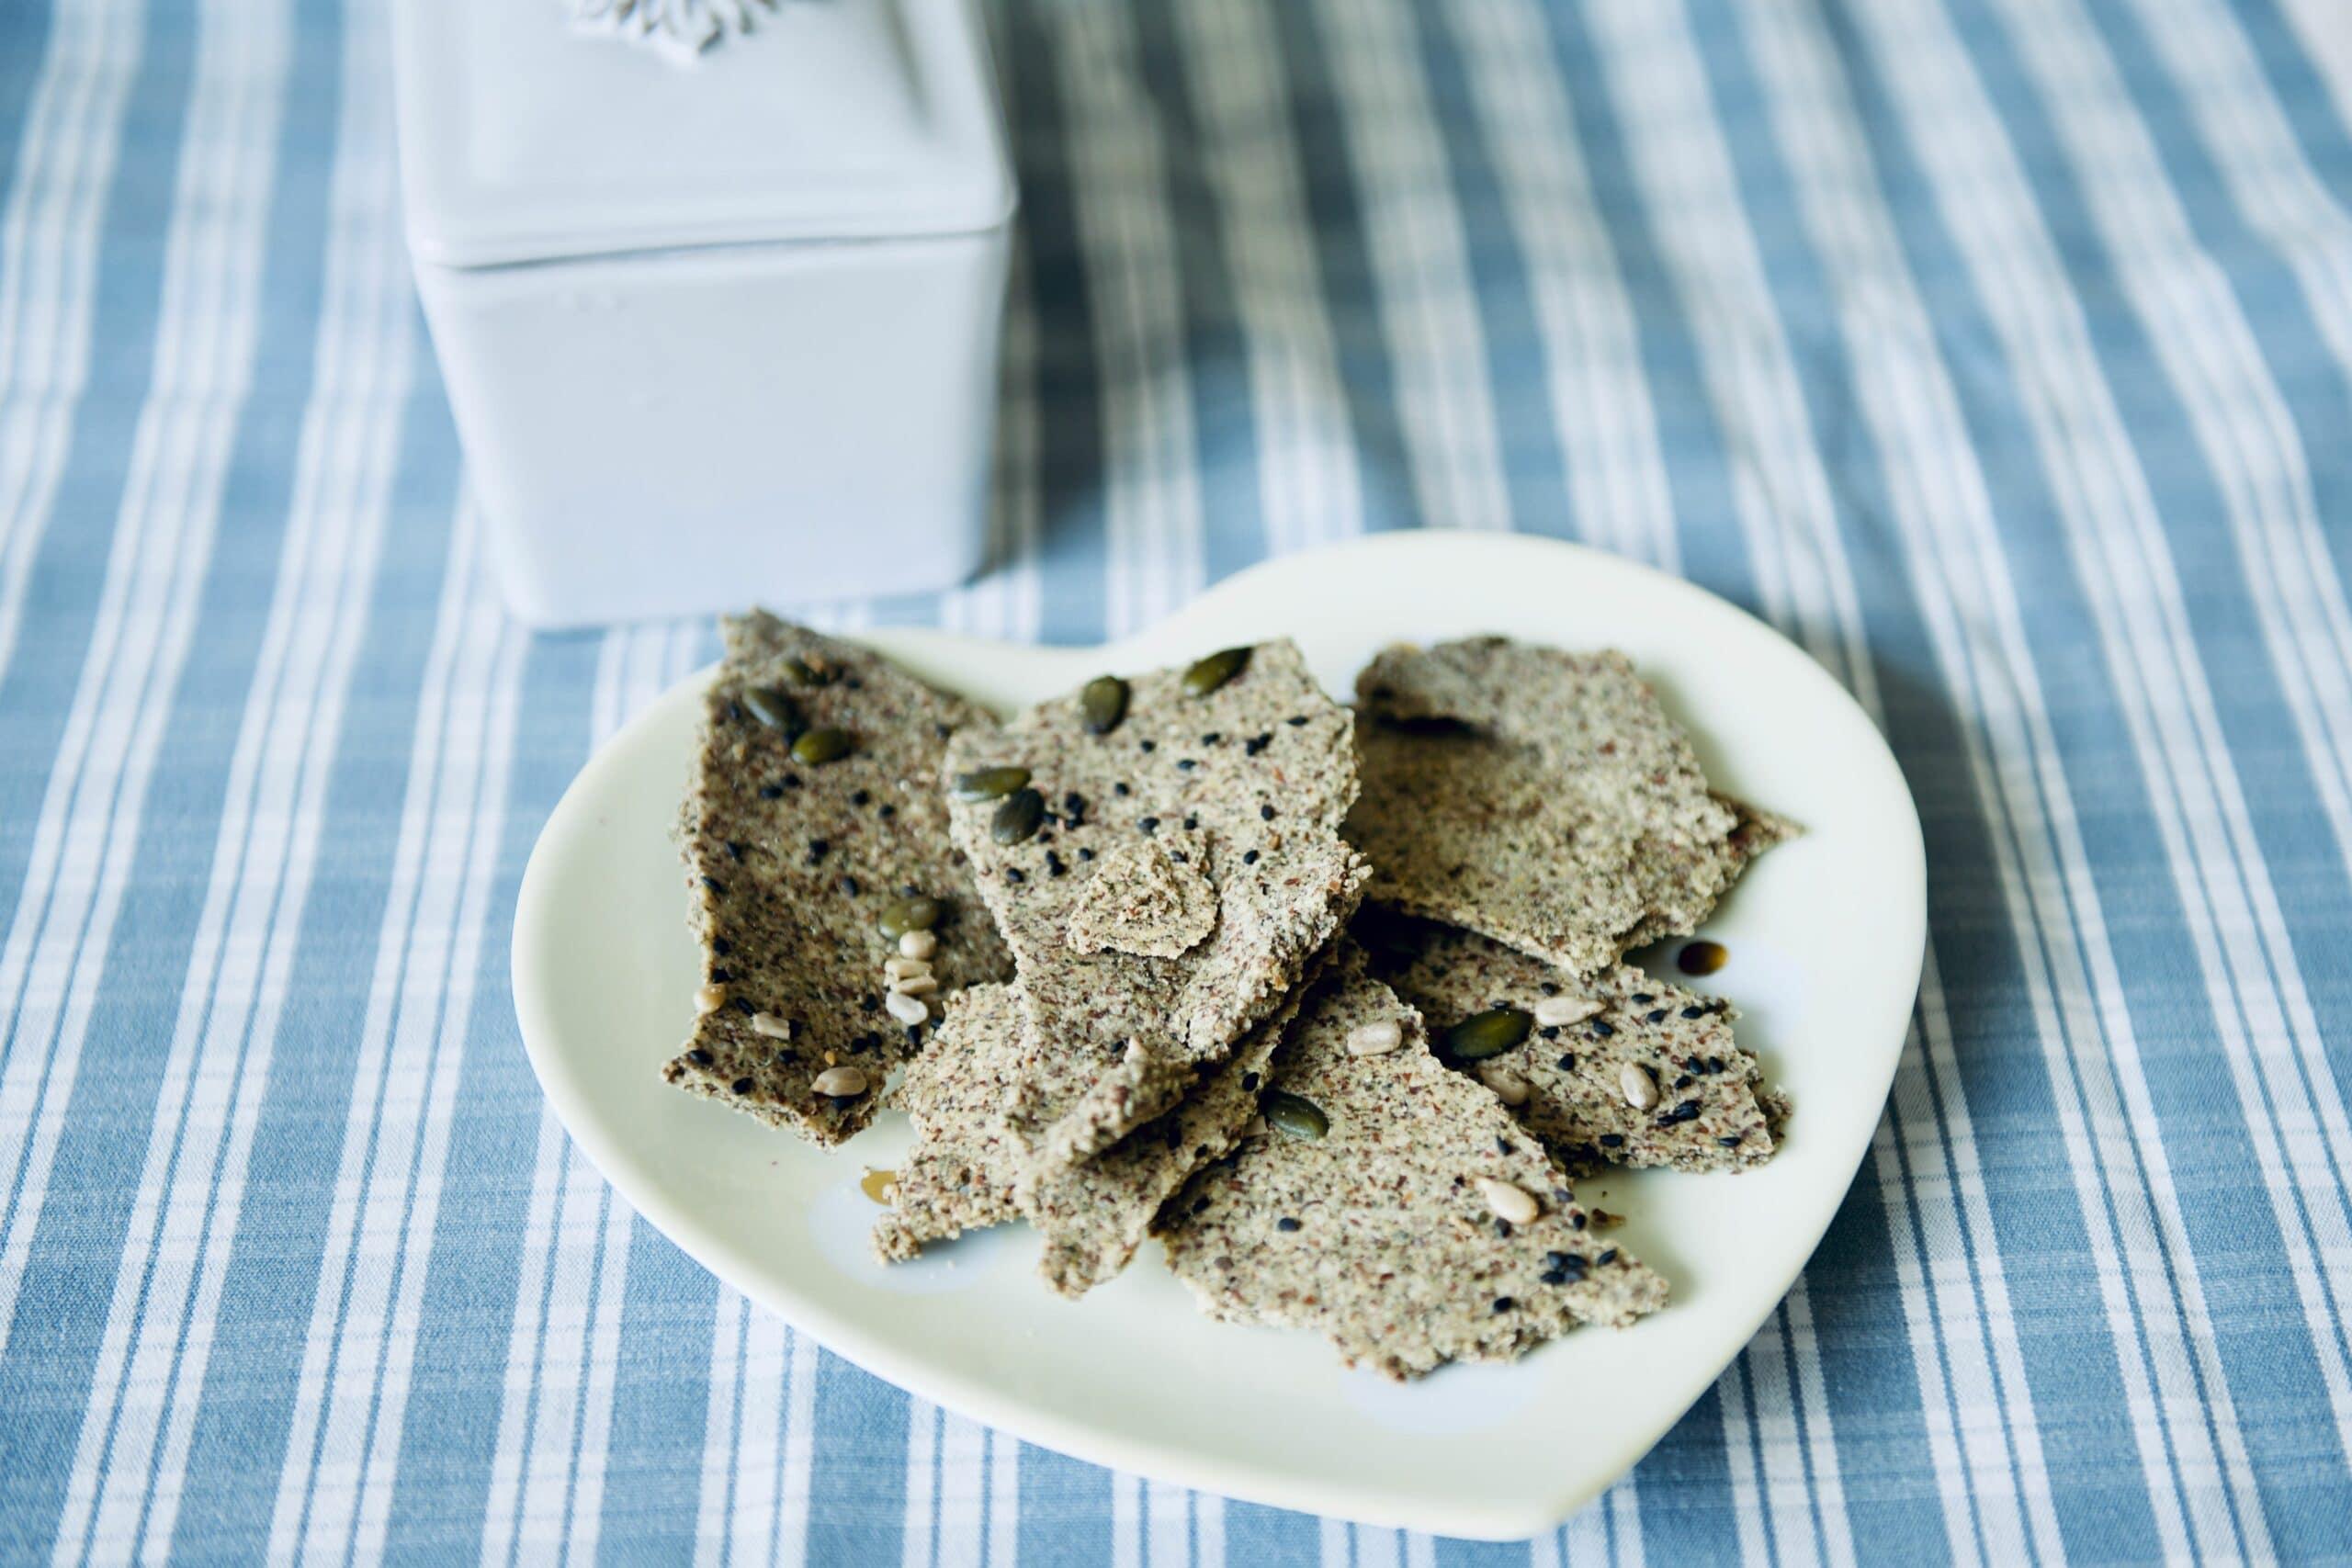 Virginie's seed crackers